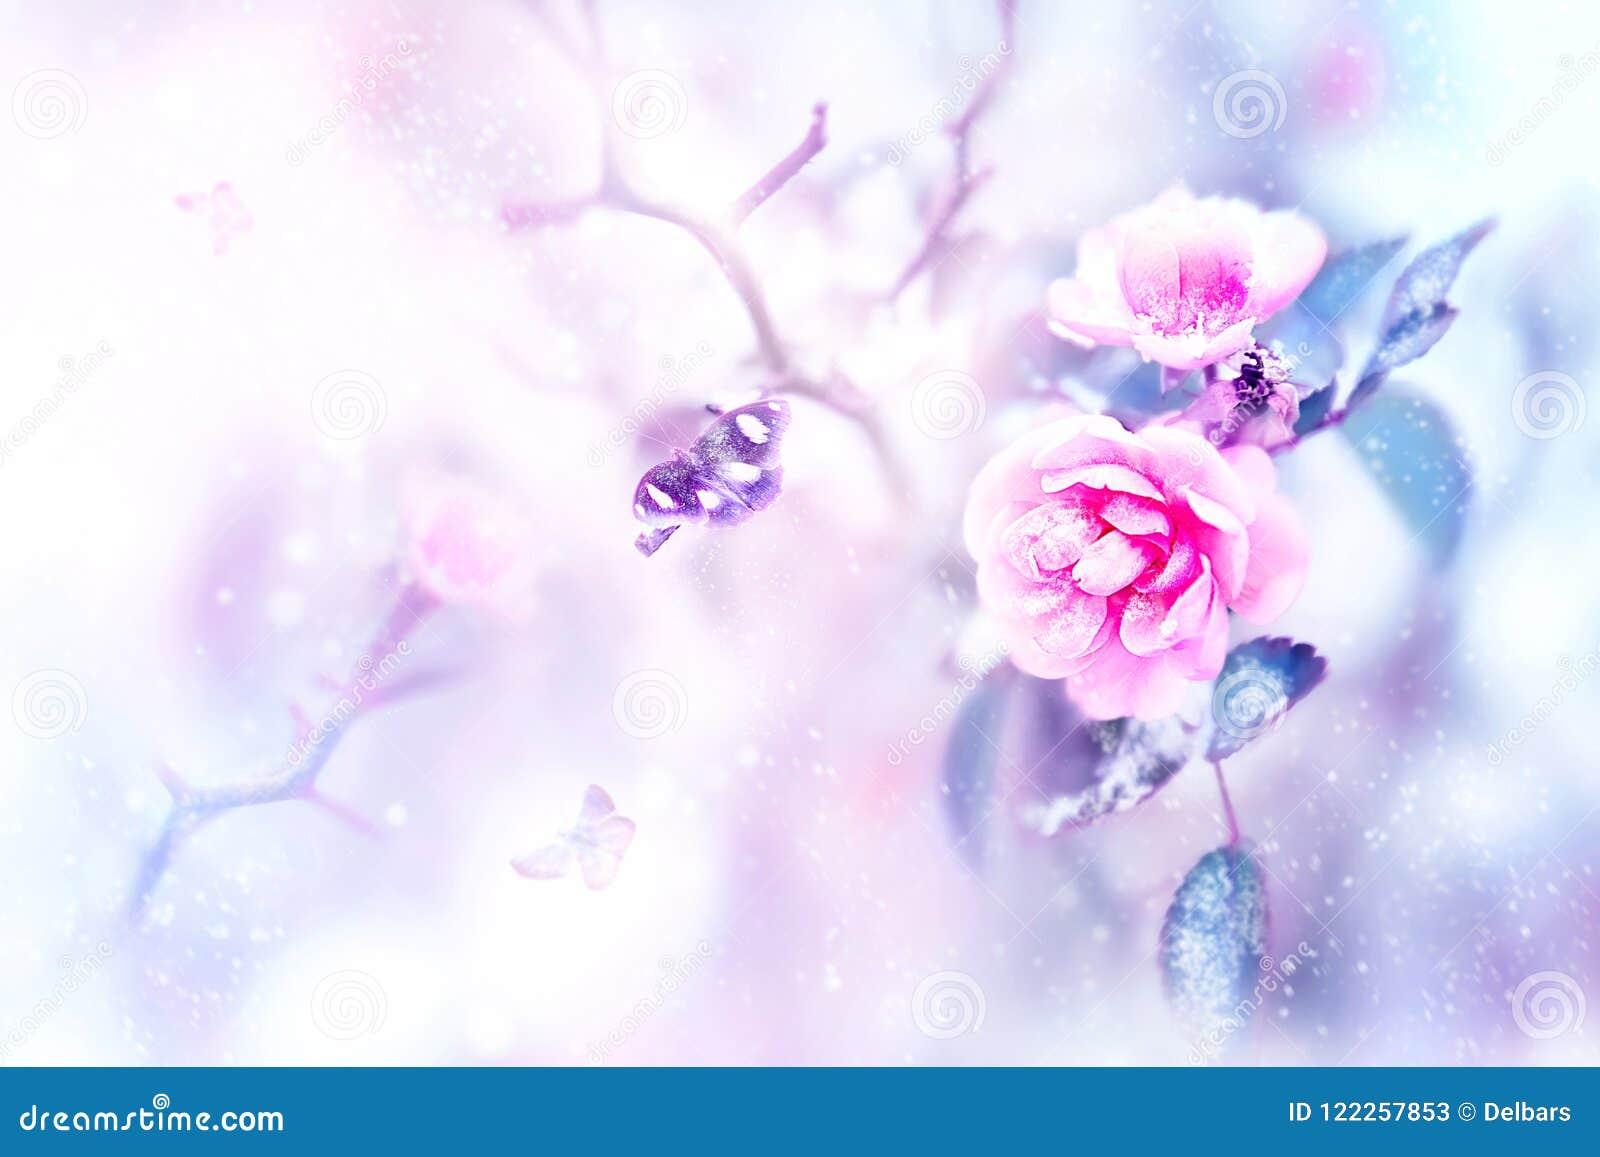 Mooie roze rozen en vlinders in de sneeuw en vorst op een blauwe en roze achtergrond snowing Artistiek de winter natuurlijk beeld